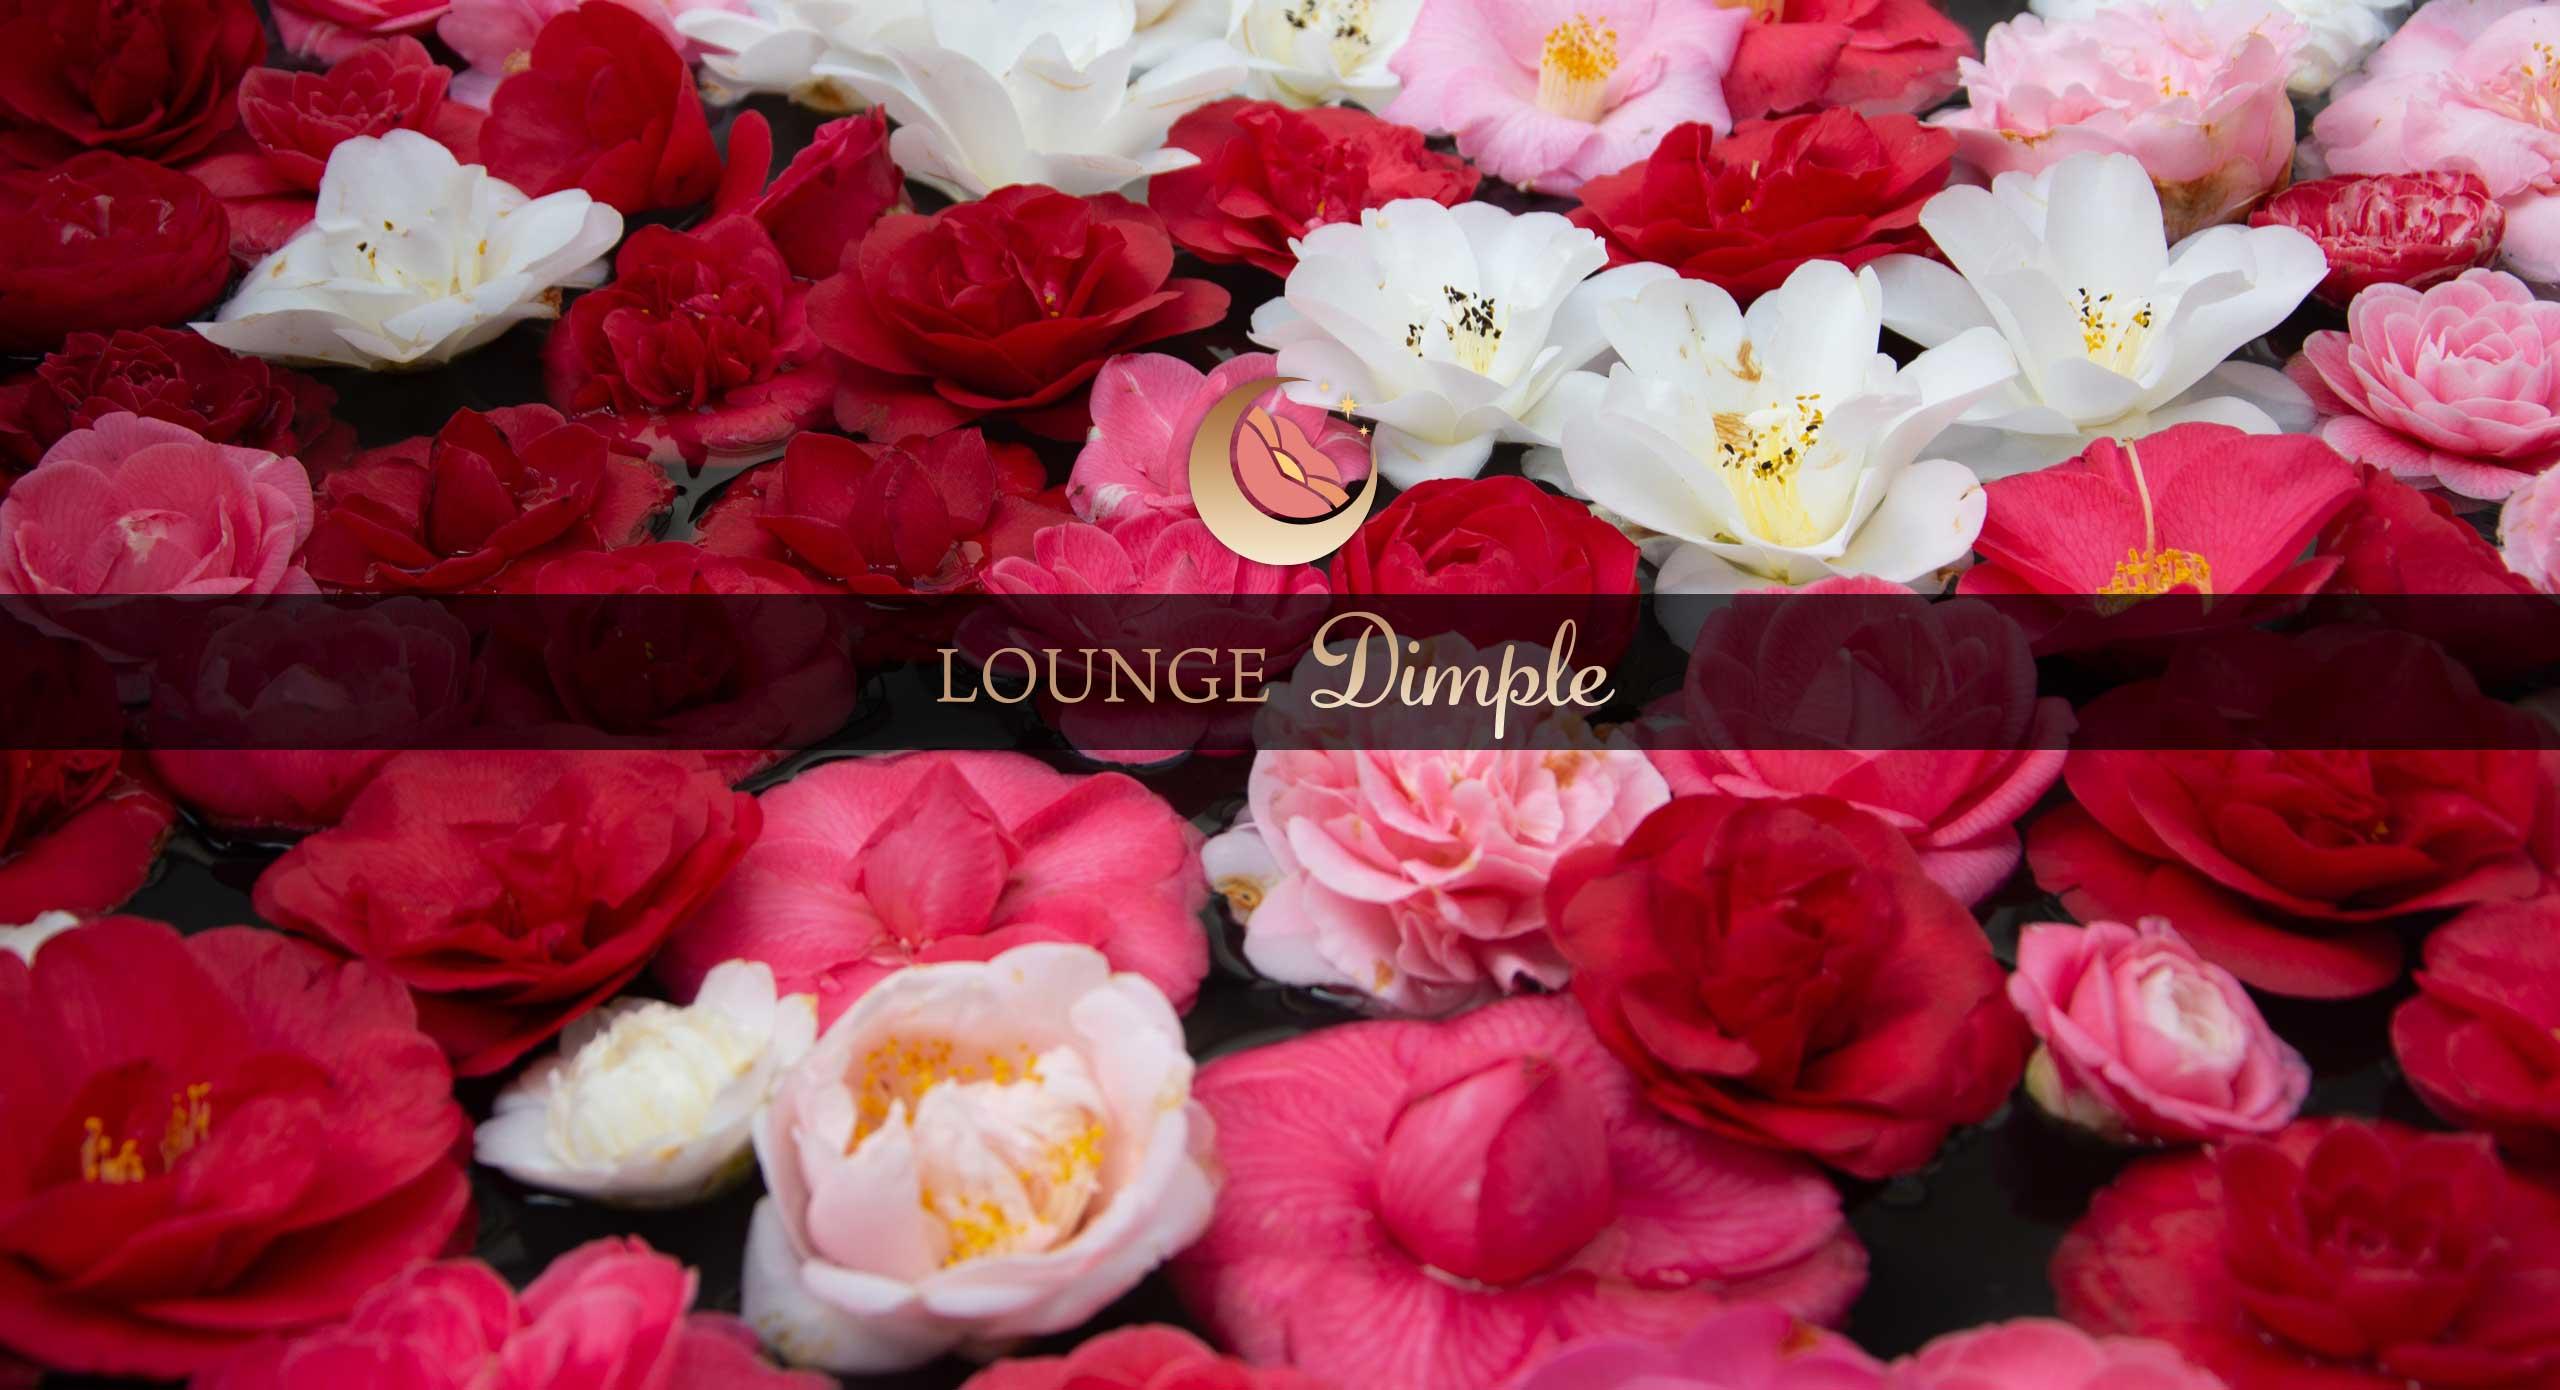 旭川 ラウンジディンプル(Lounge Dimple)3・6(さんろく)街で飲み屋をお探しなら